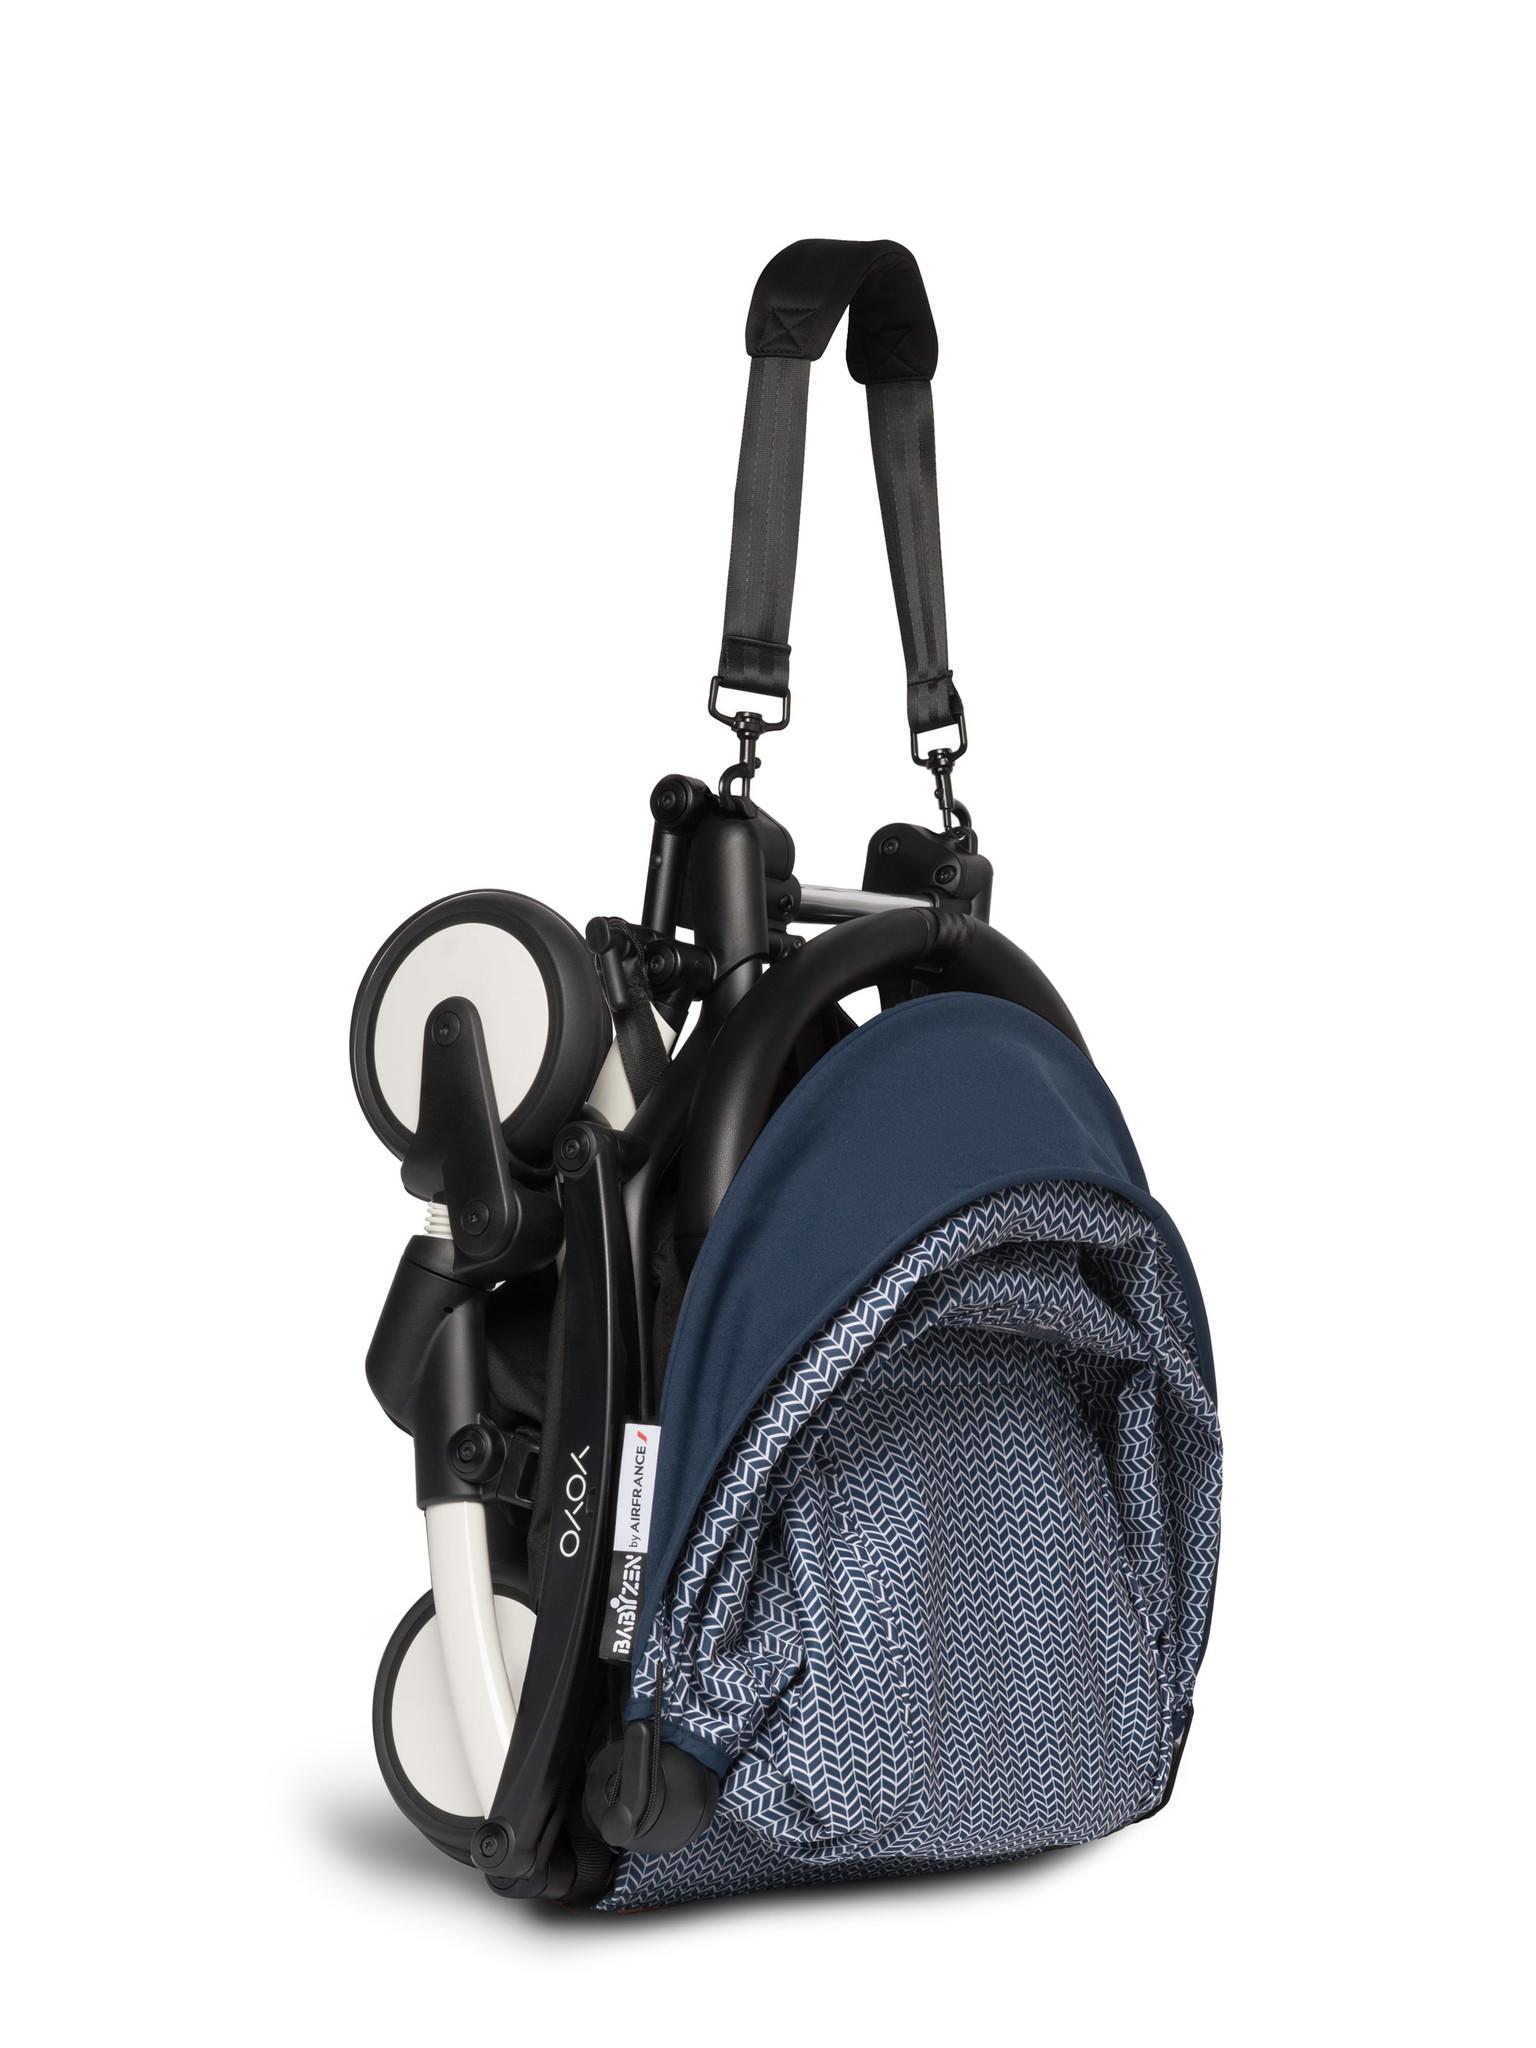 Babyzen Babyzen YOYO² buggy vanaf 6 maanden inclusief beensteun -  AirFrance met frame wit